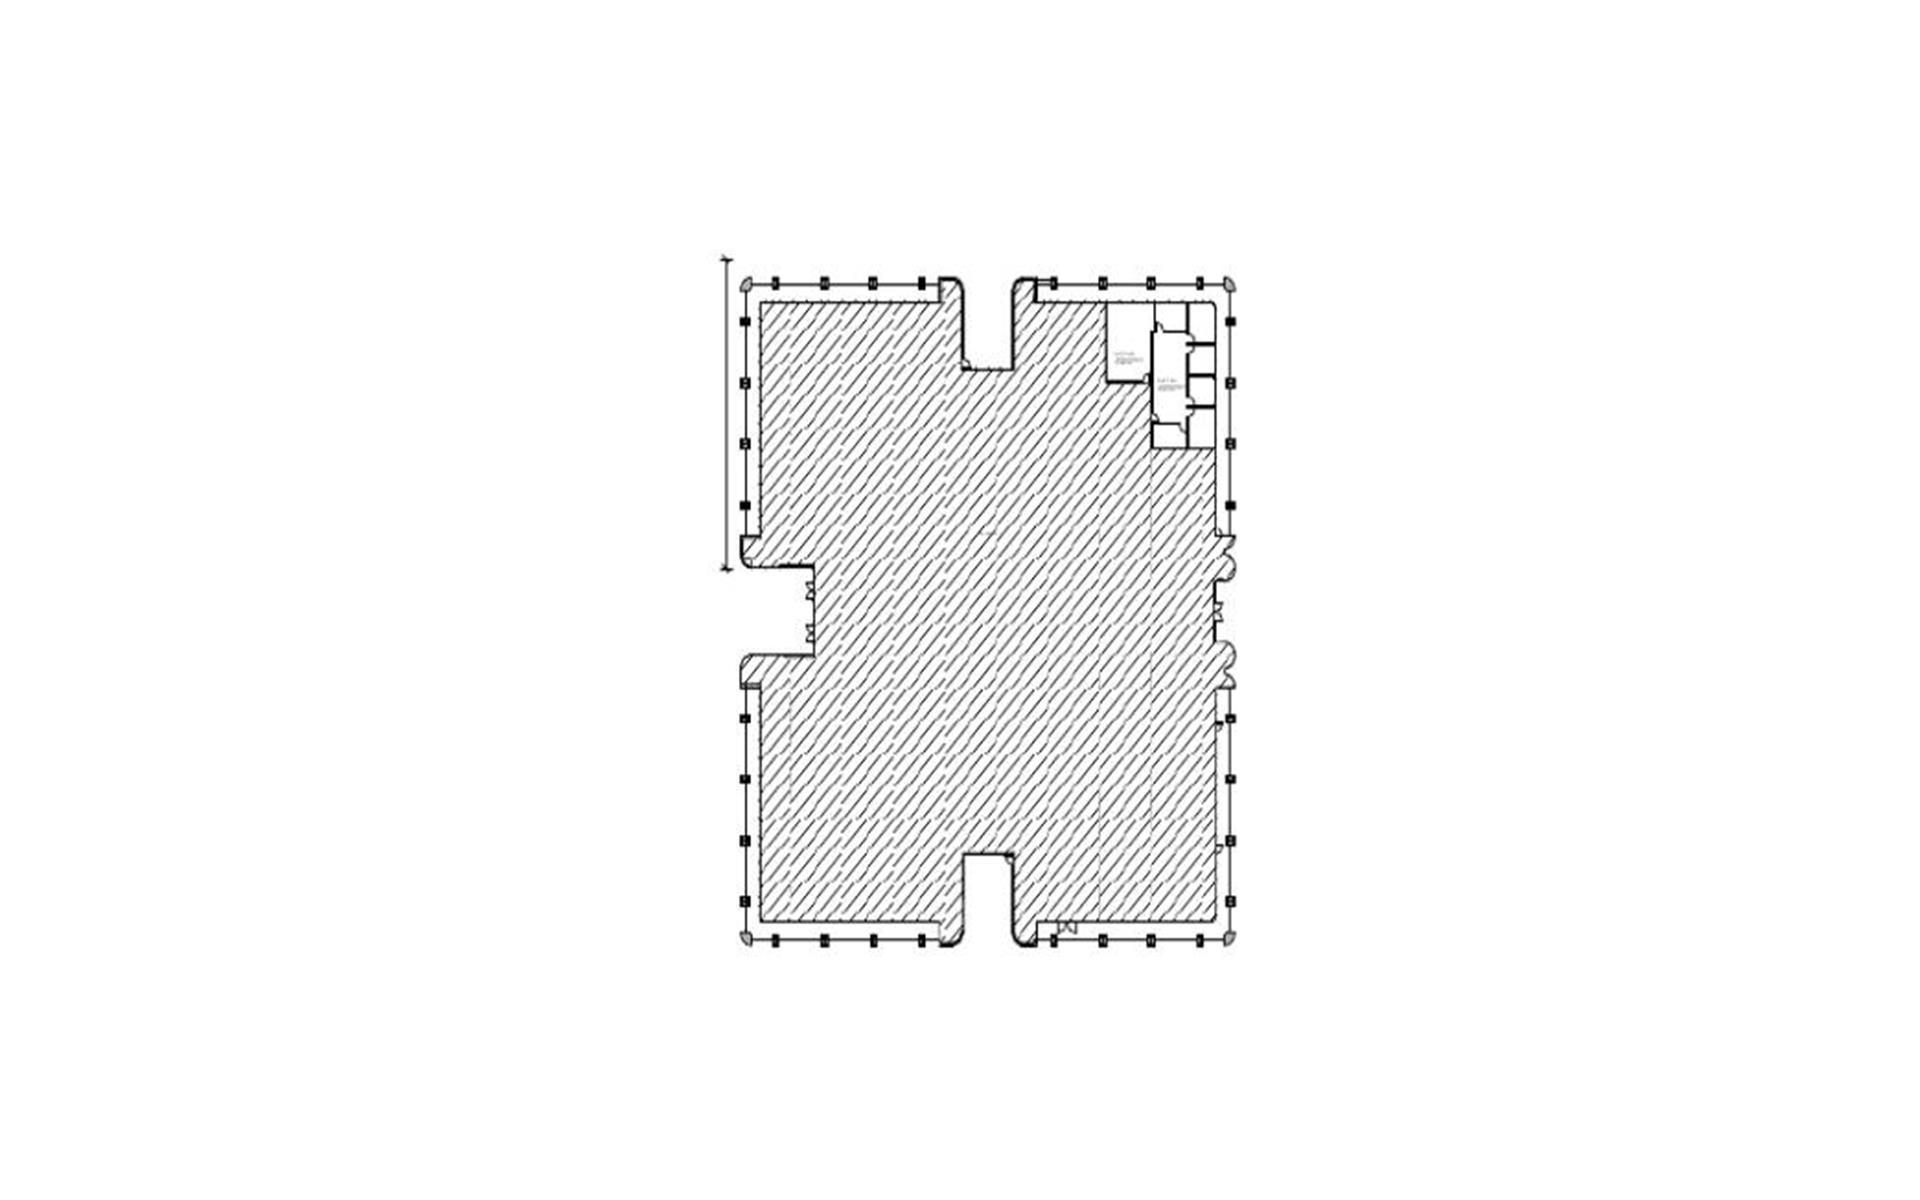 Boxer - Sorrento Ridge Corporate Center - Team Space | Suite 102.02